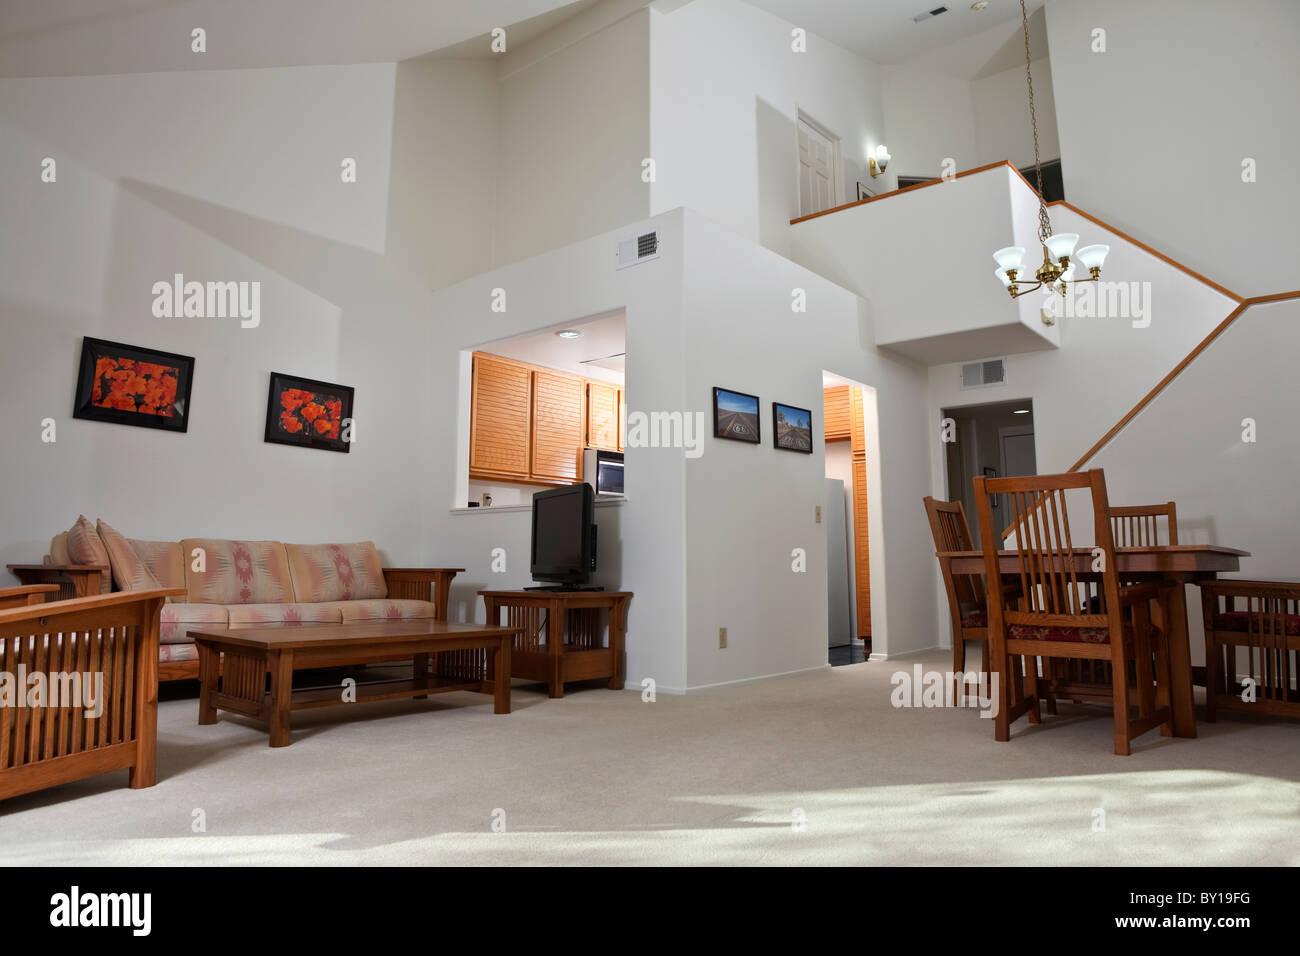 Condo de style maison de la Californie ensoleillée salle de séjour. L'art mural (photos) sont le travail Photo Stock